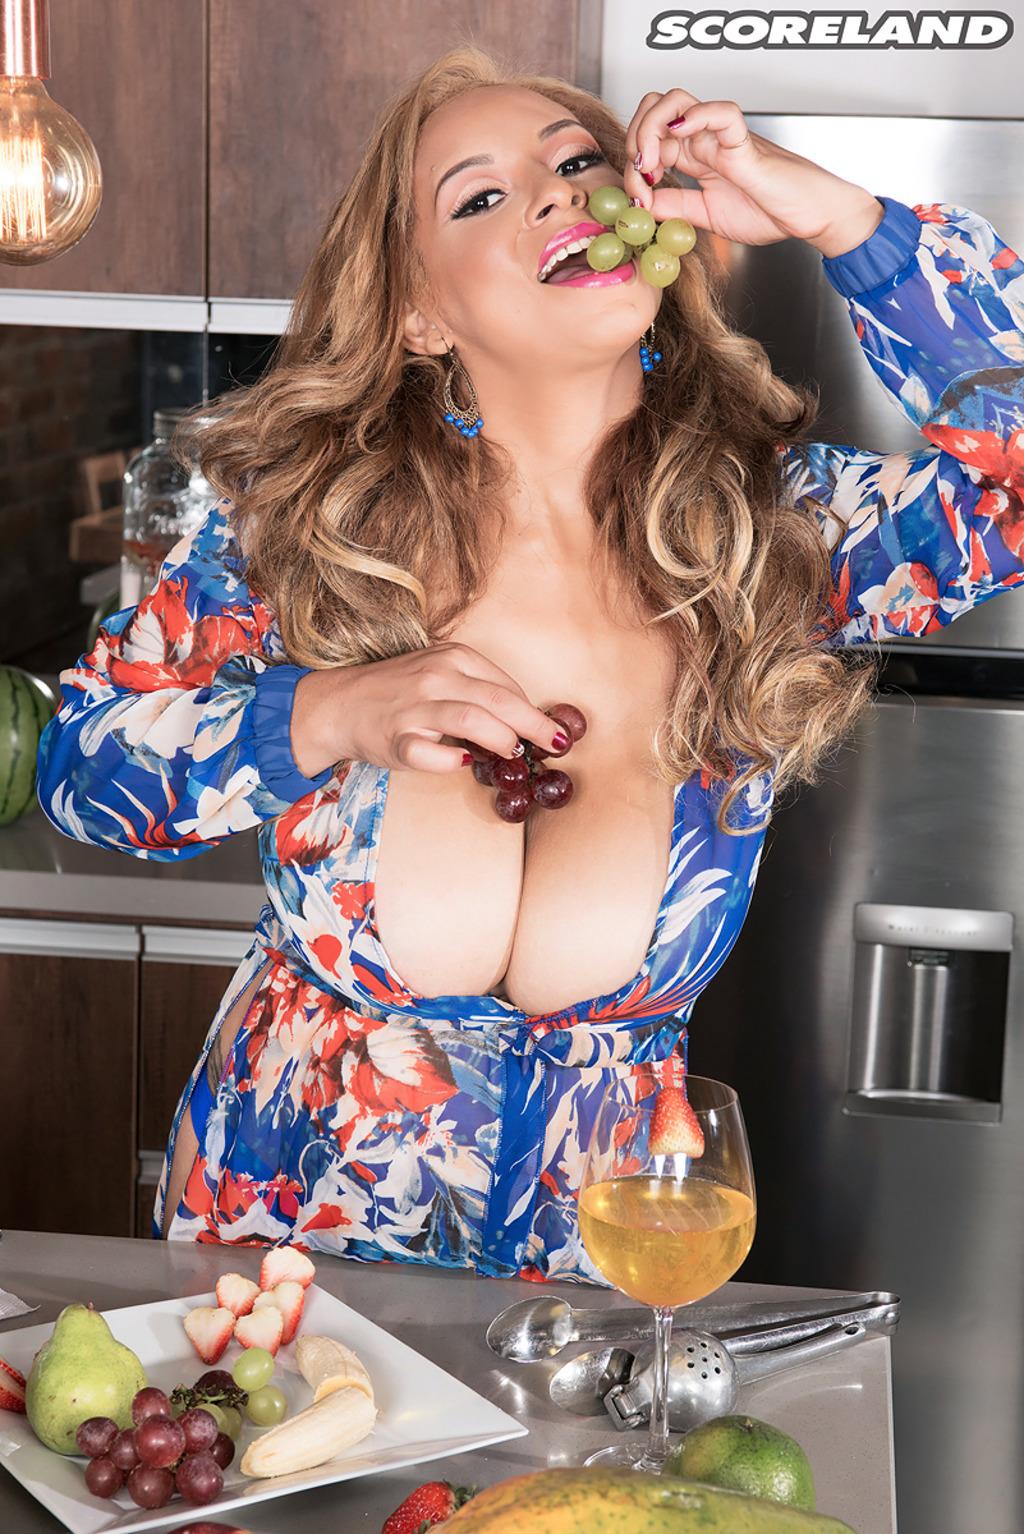 BODACIOUS MILF Shara Lopez has some ENORMOUS Boobs!